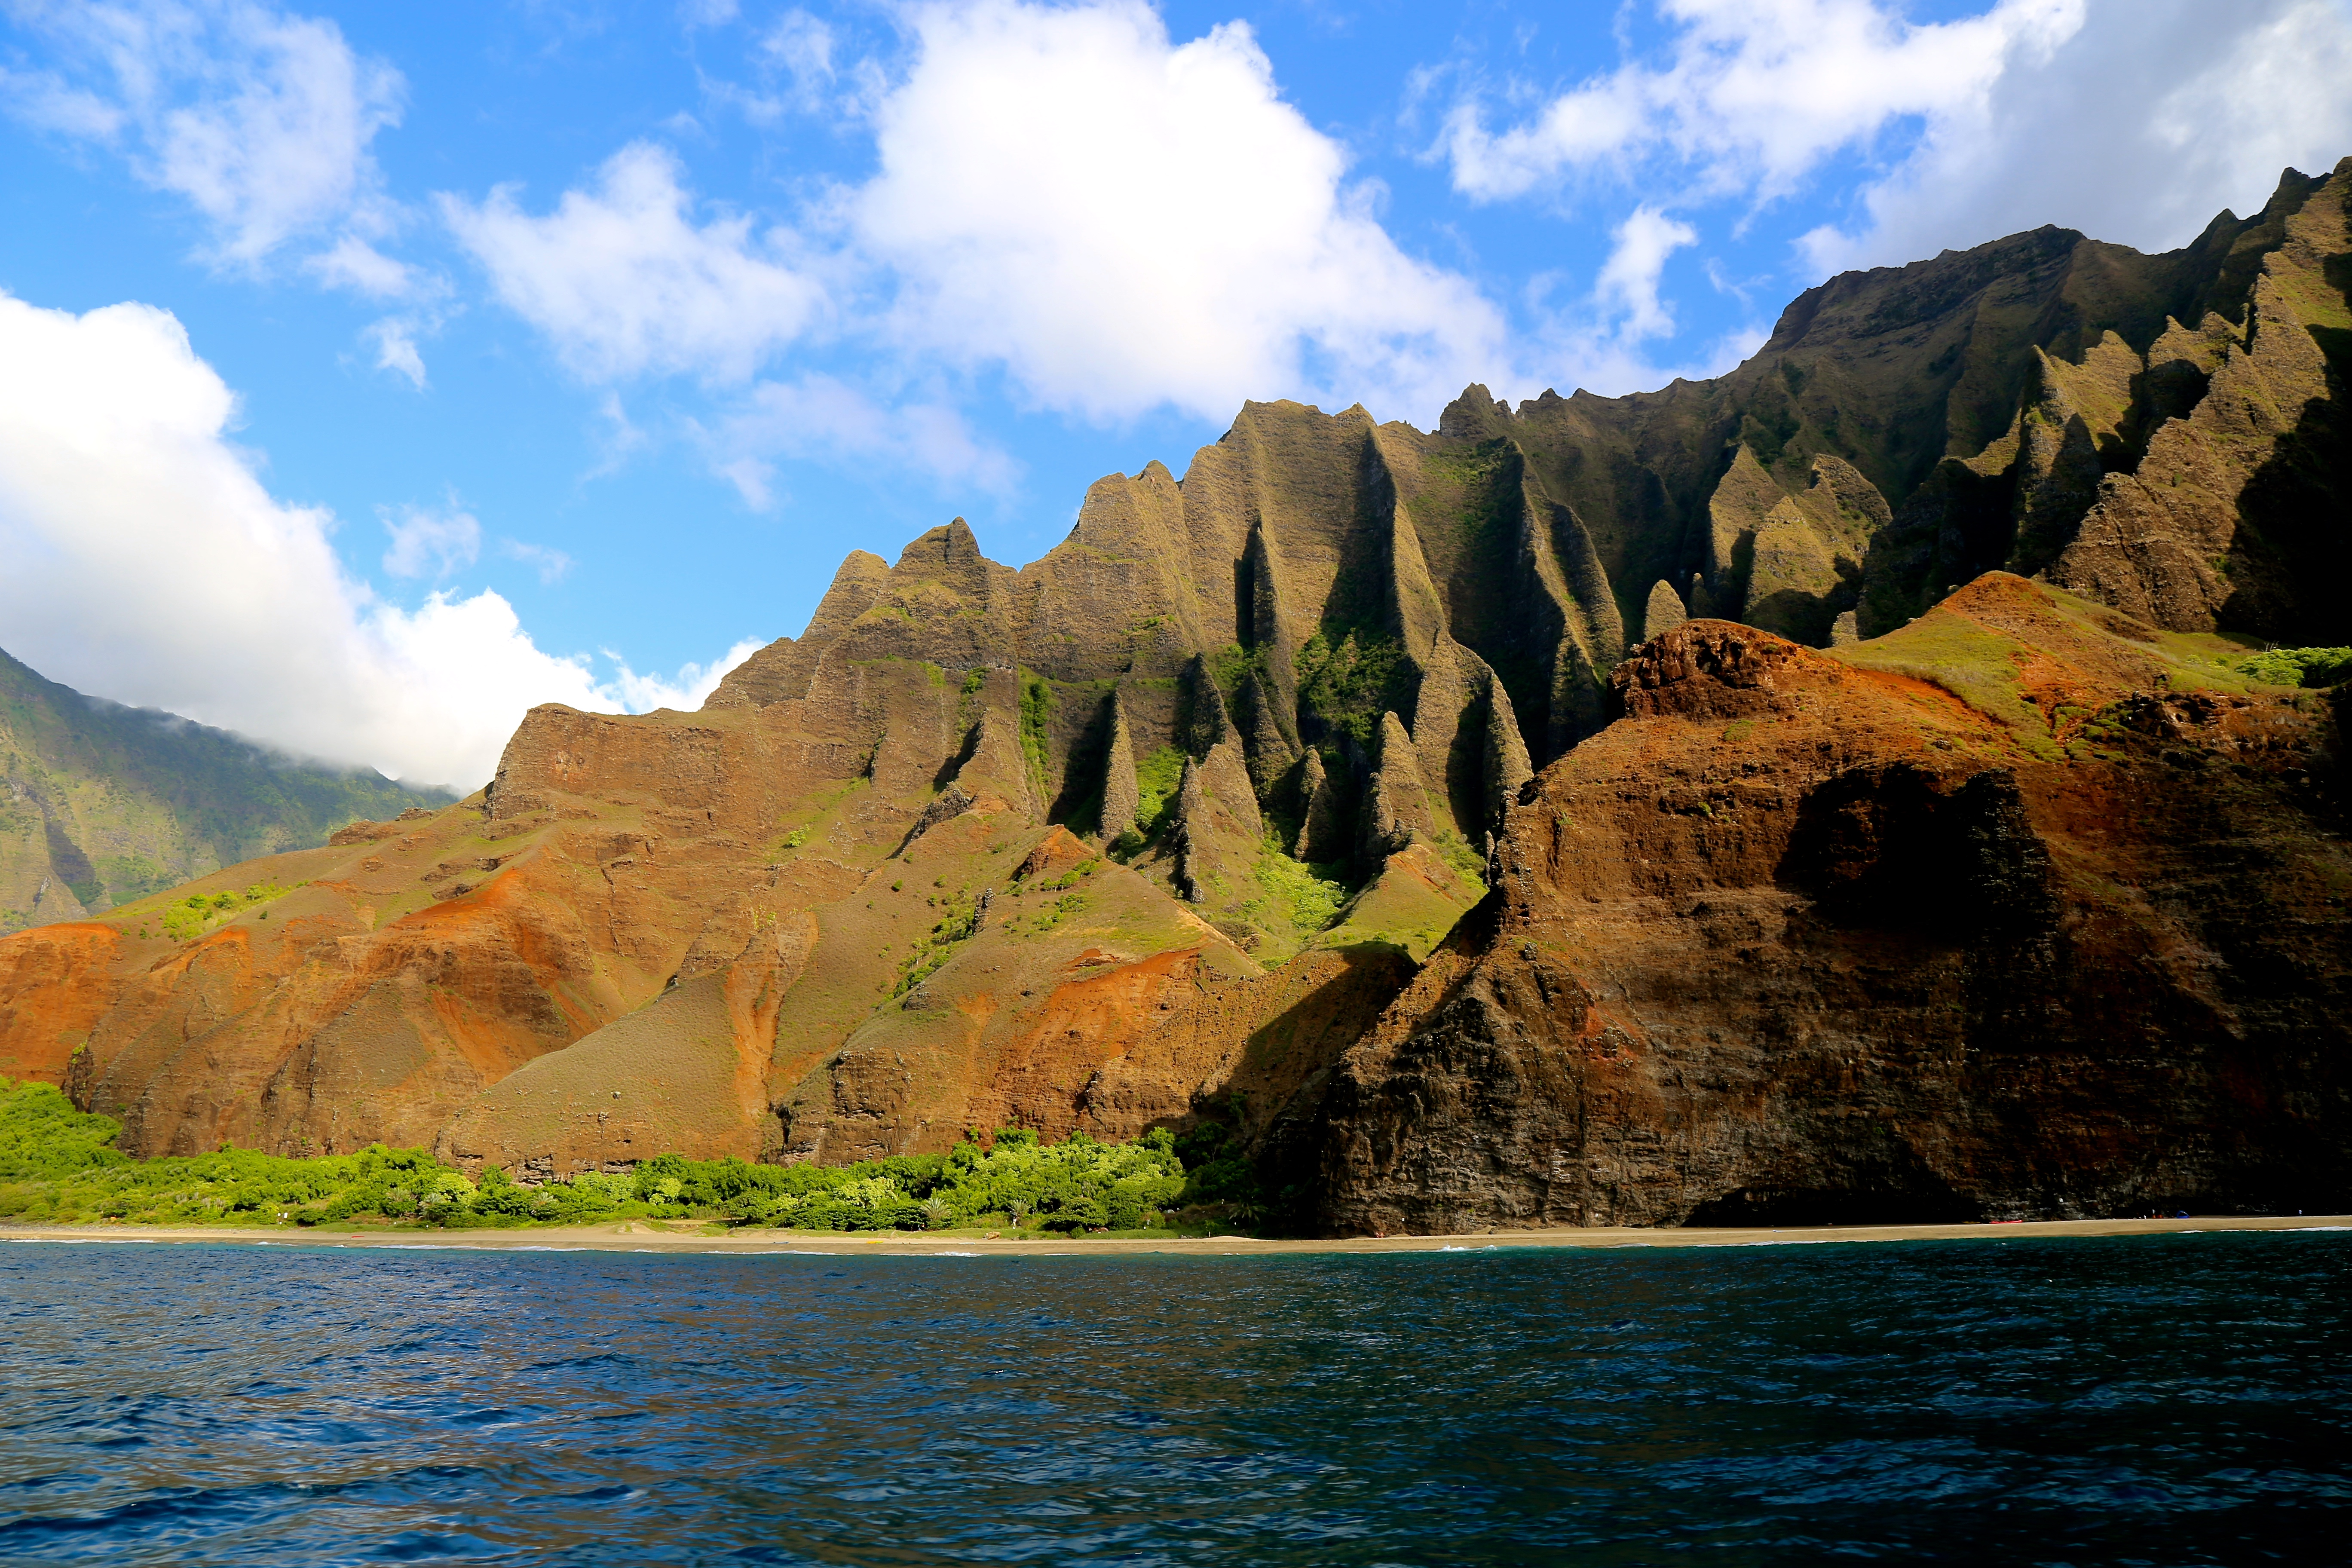 les montagnes de Kauai